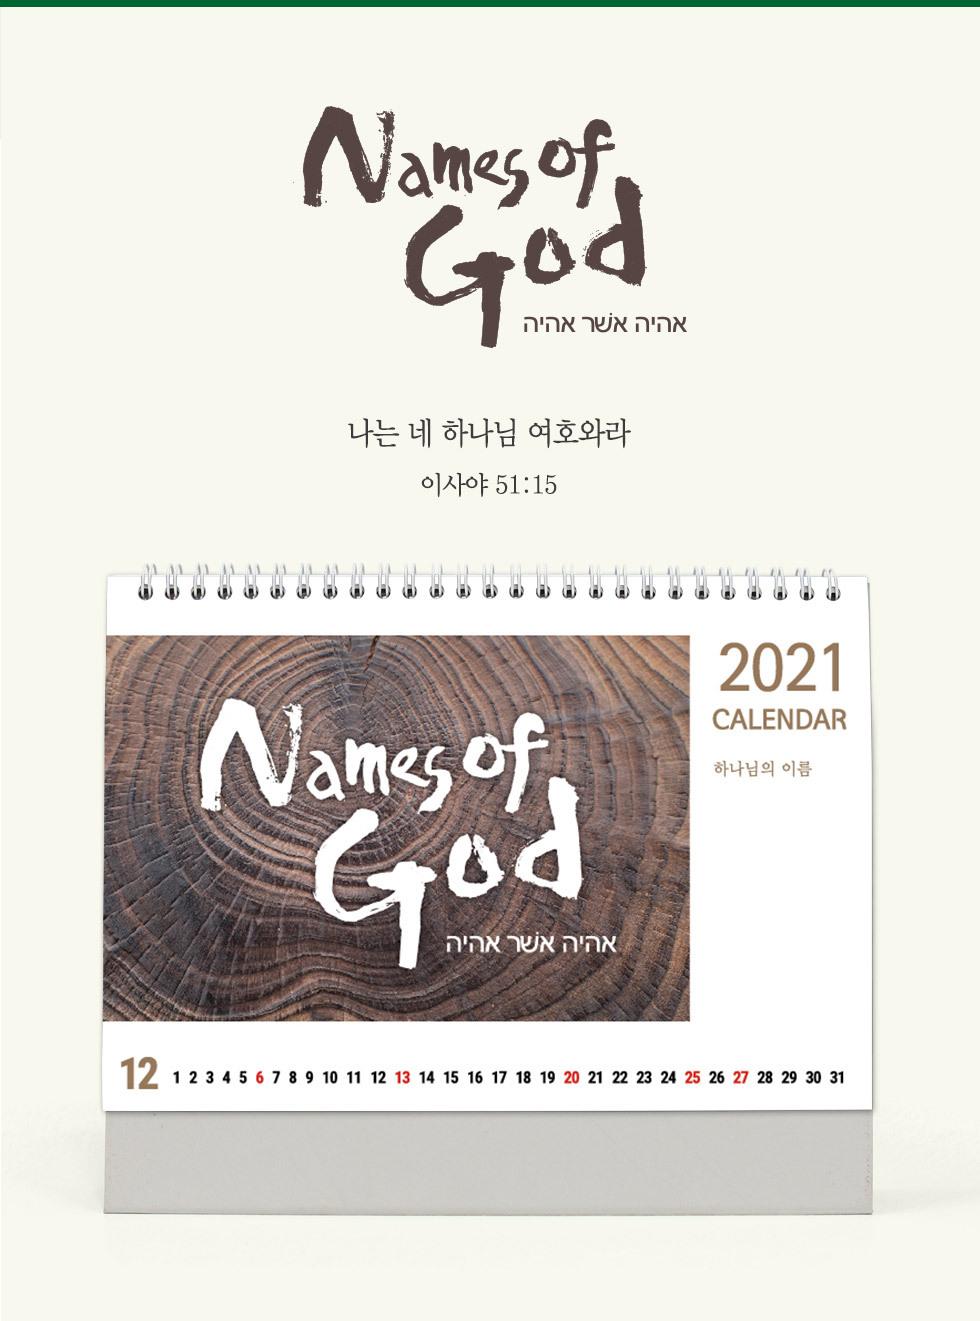 2021년 탁상달력 하나님의 이름 Names of God -  하나님의 이름 Names of God, 시편 115:13 높은 사람이나 낮은 사람을 막론하고 여호와를 경외하는 자들에게 복을 주시리로다.